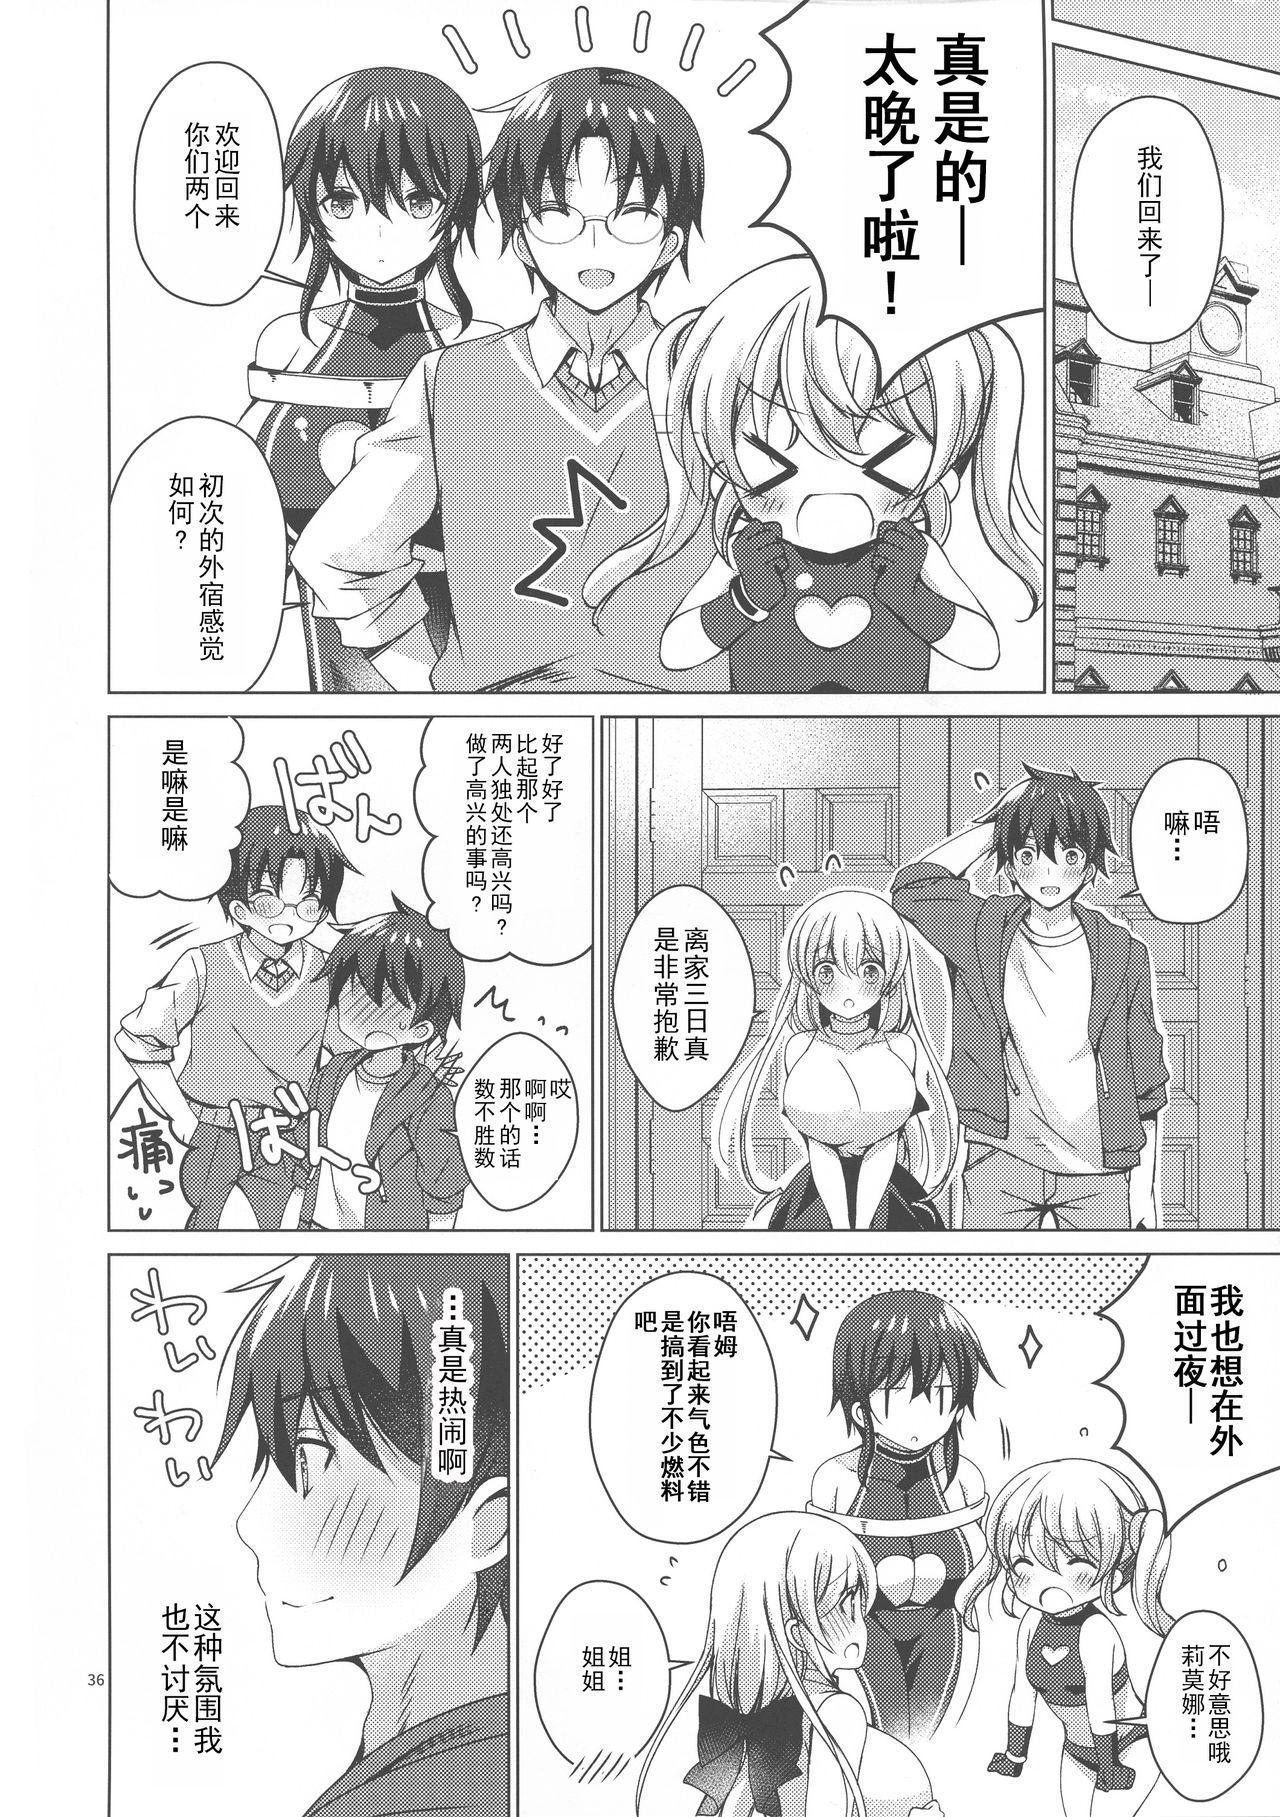 Android no Watashi ni Nenryou Hokyuu shite Kudasai 6 34